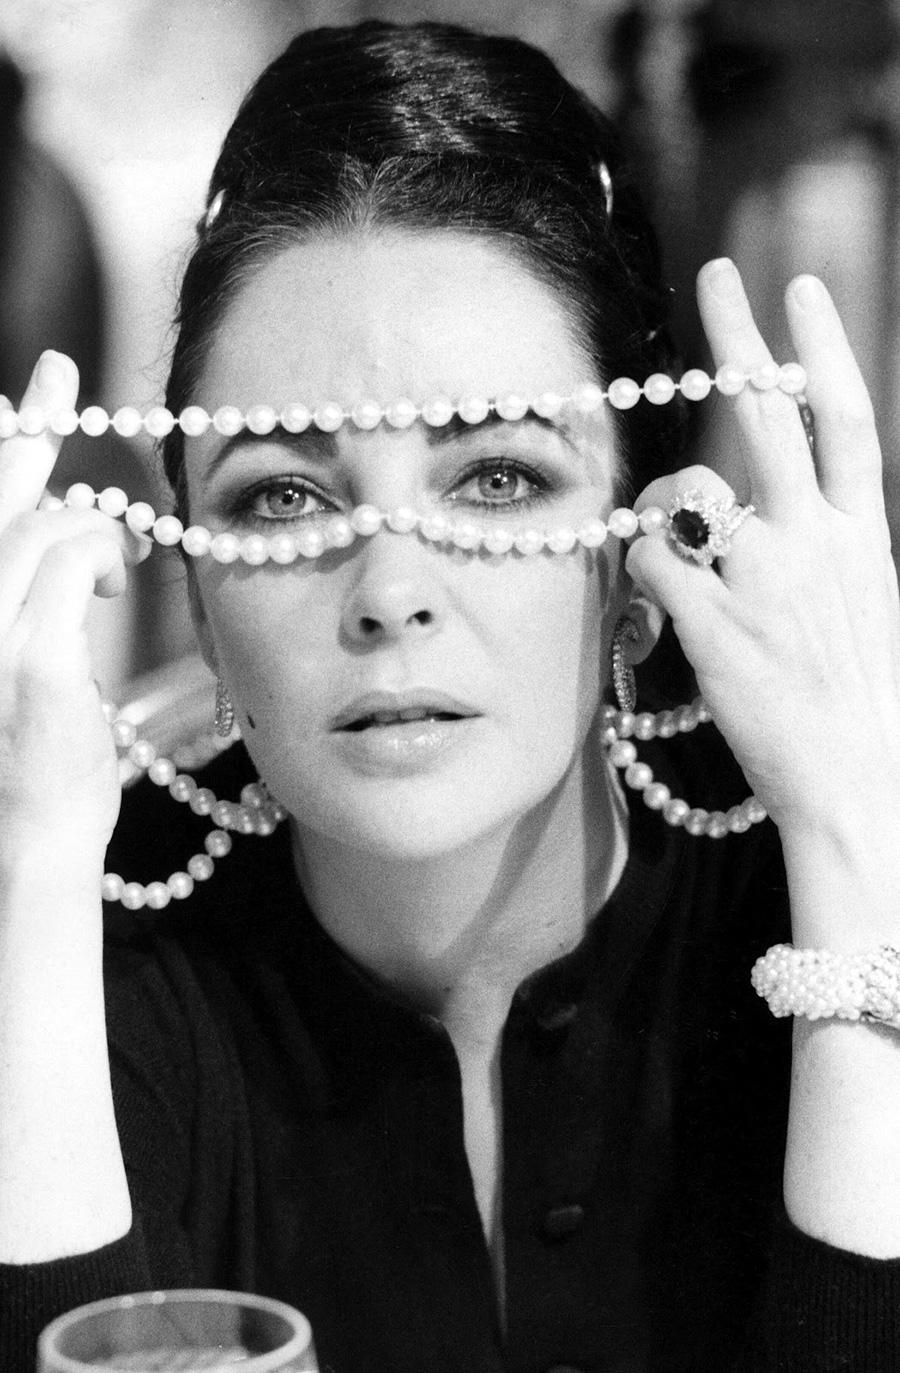 eve-arnold-portrait-elizabeth-taylor-1974.jpg